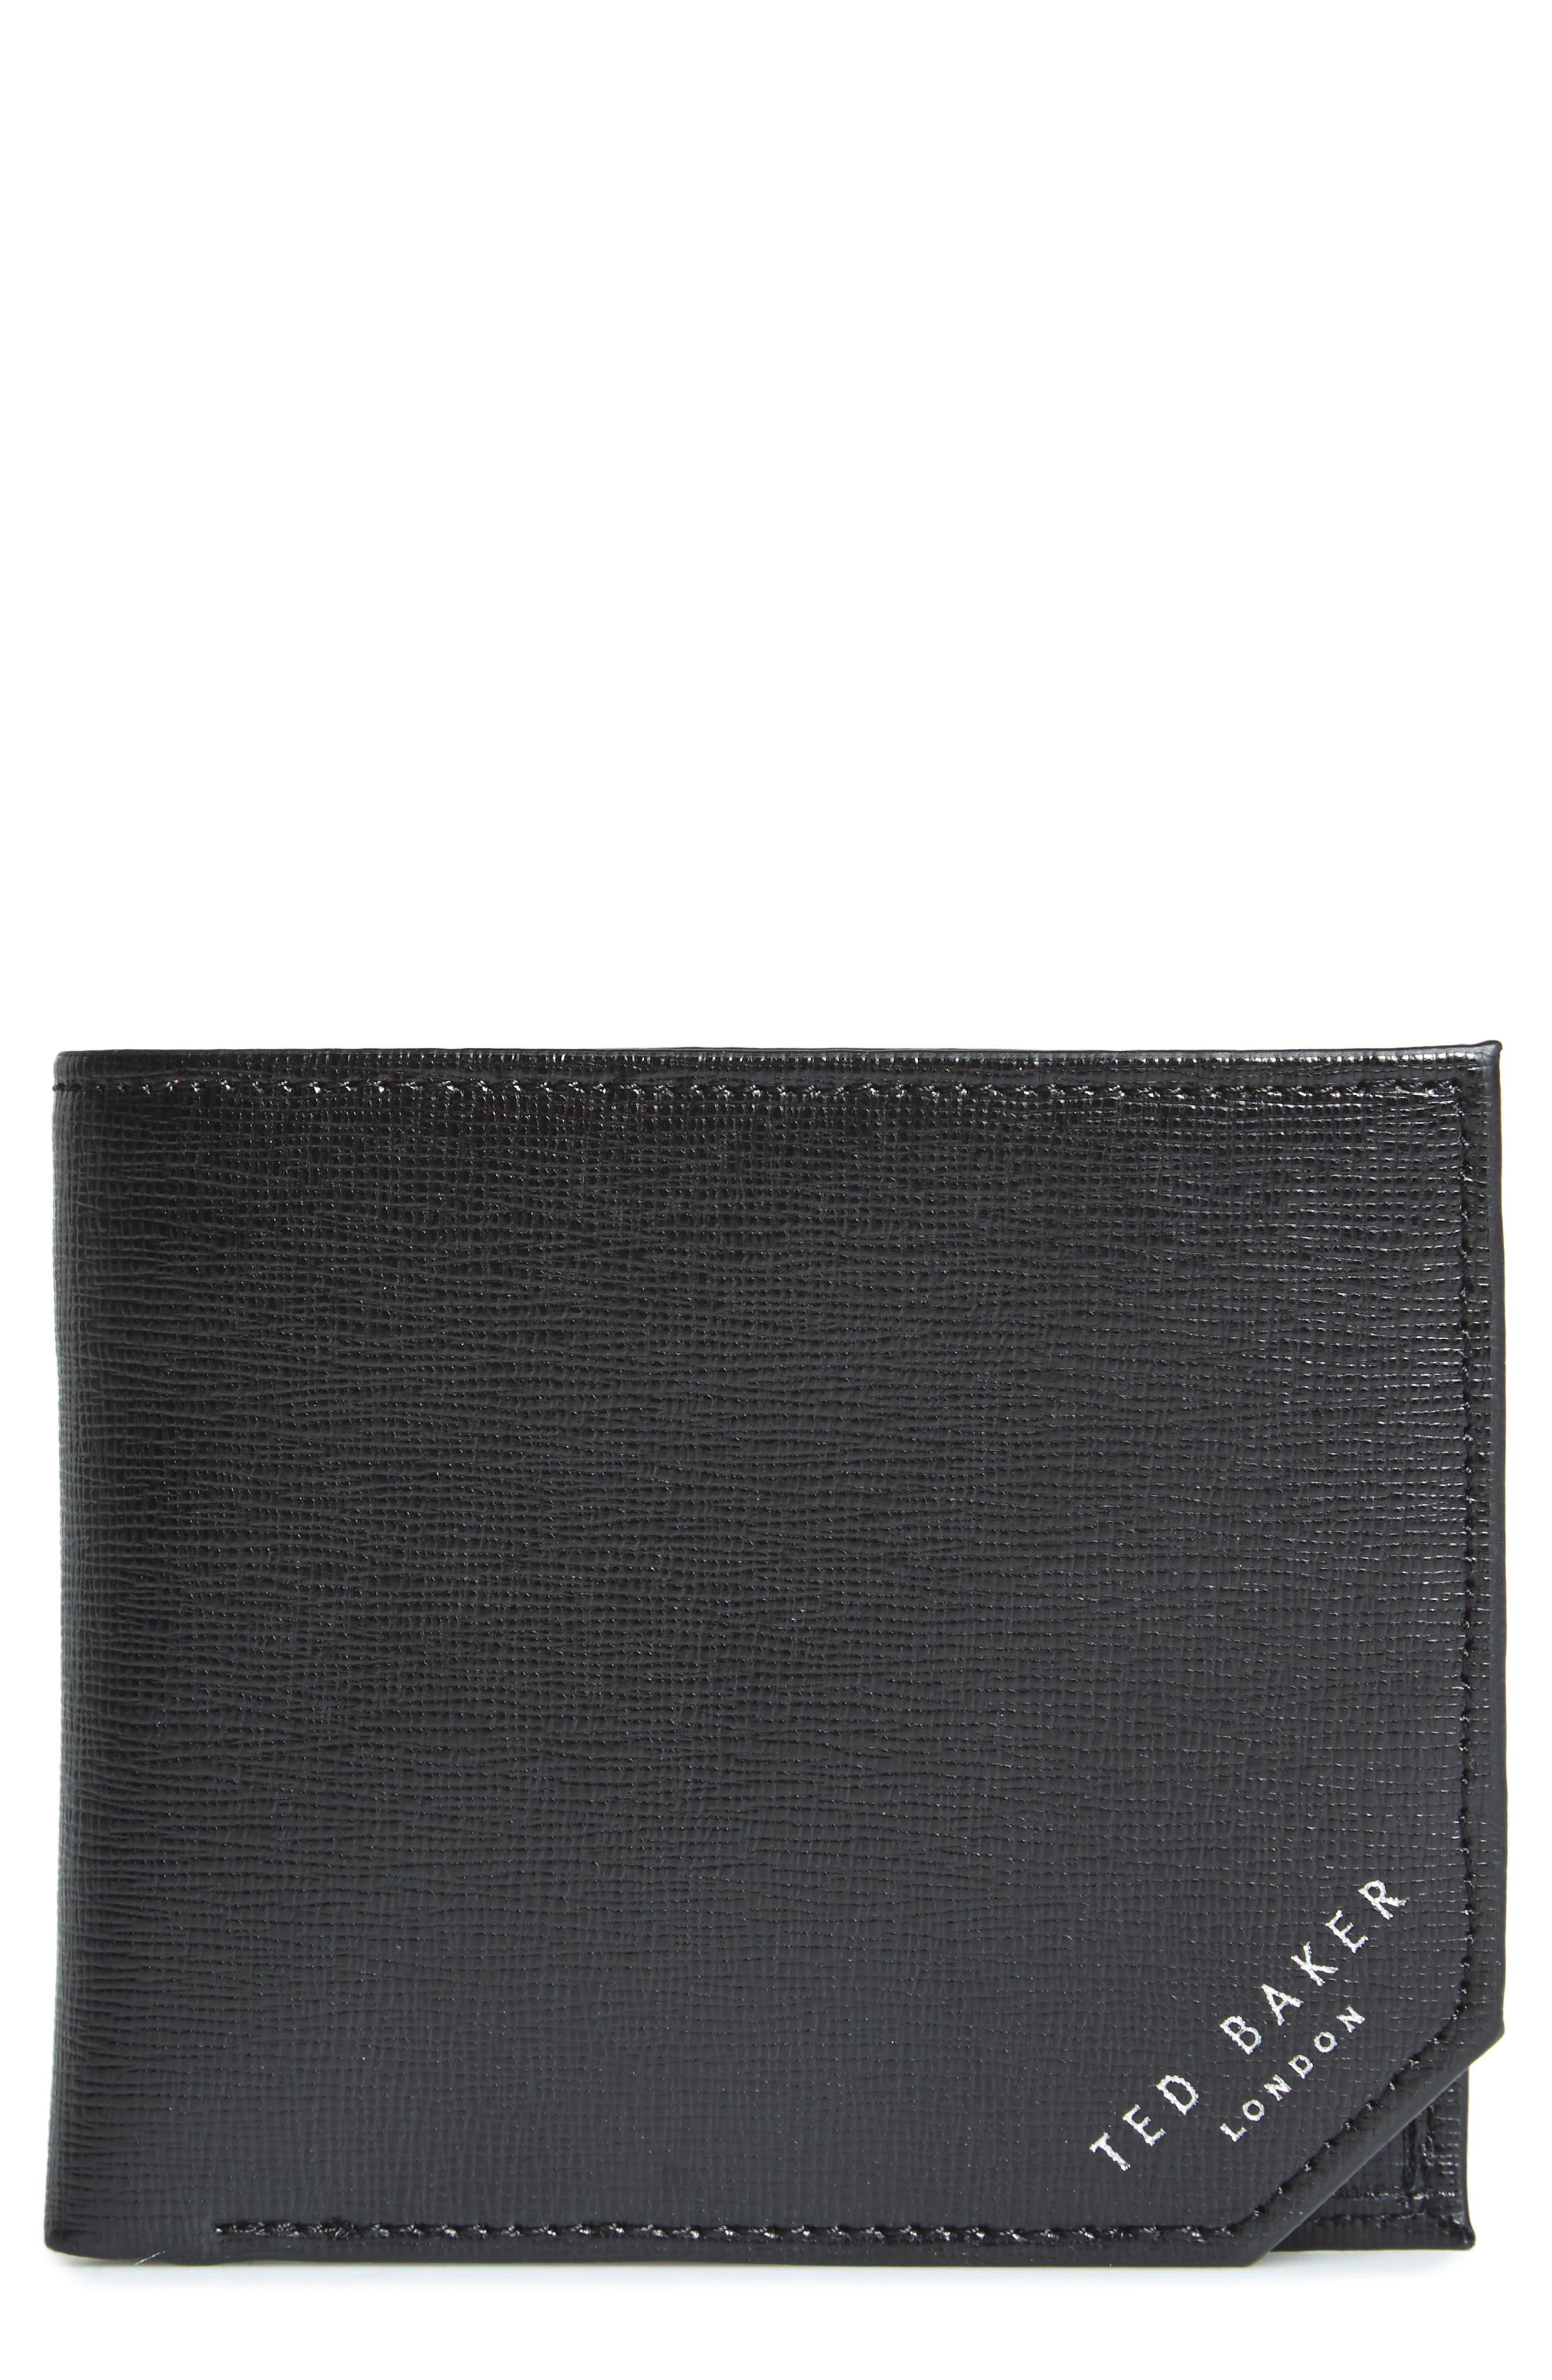 Stitchup Bifold Wallet,                             Main thumbnail 1, color,                             001